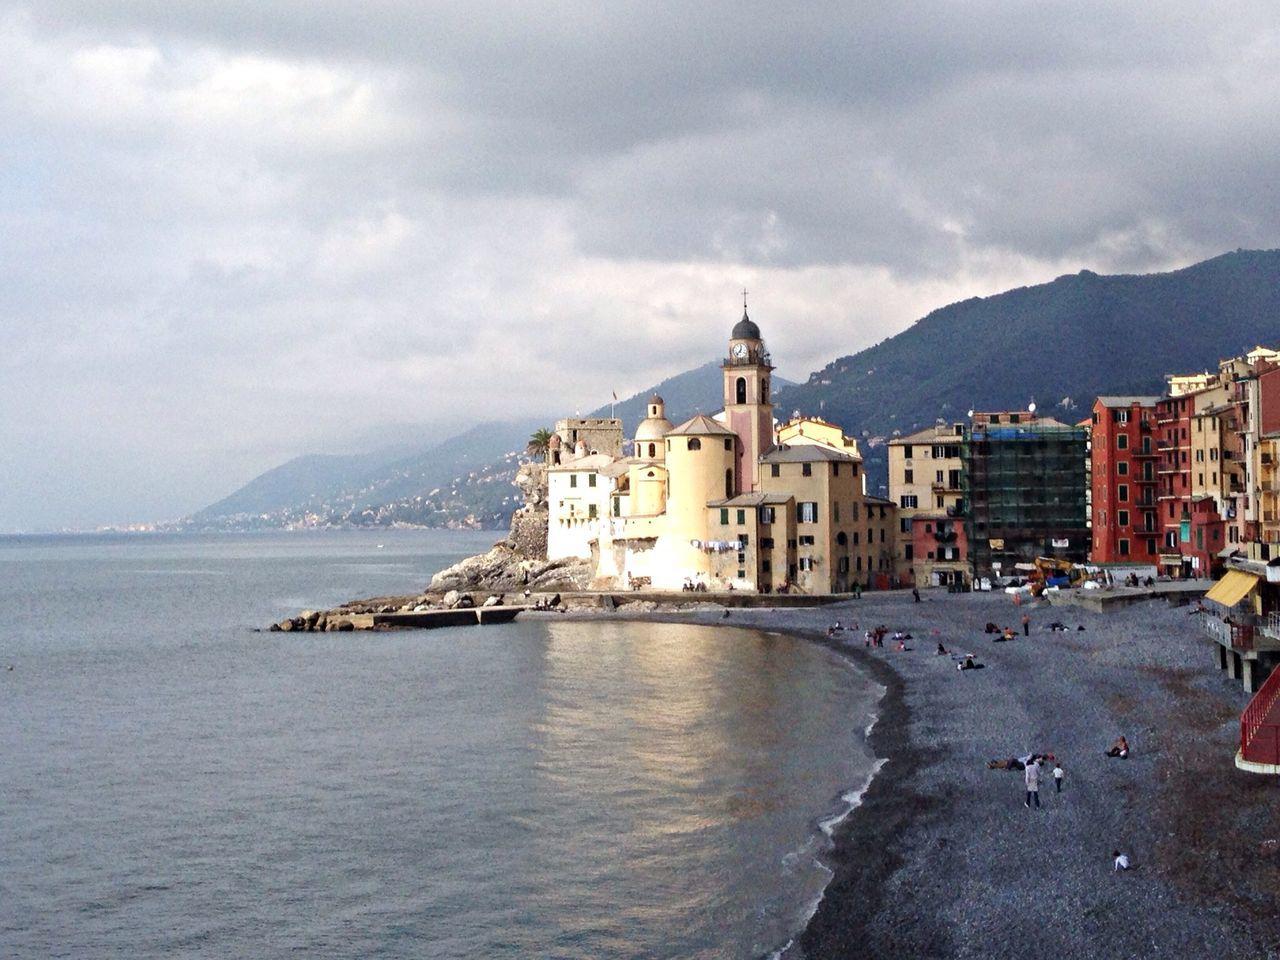 View of church of santa maria assunta from beach